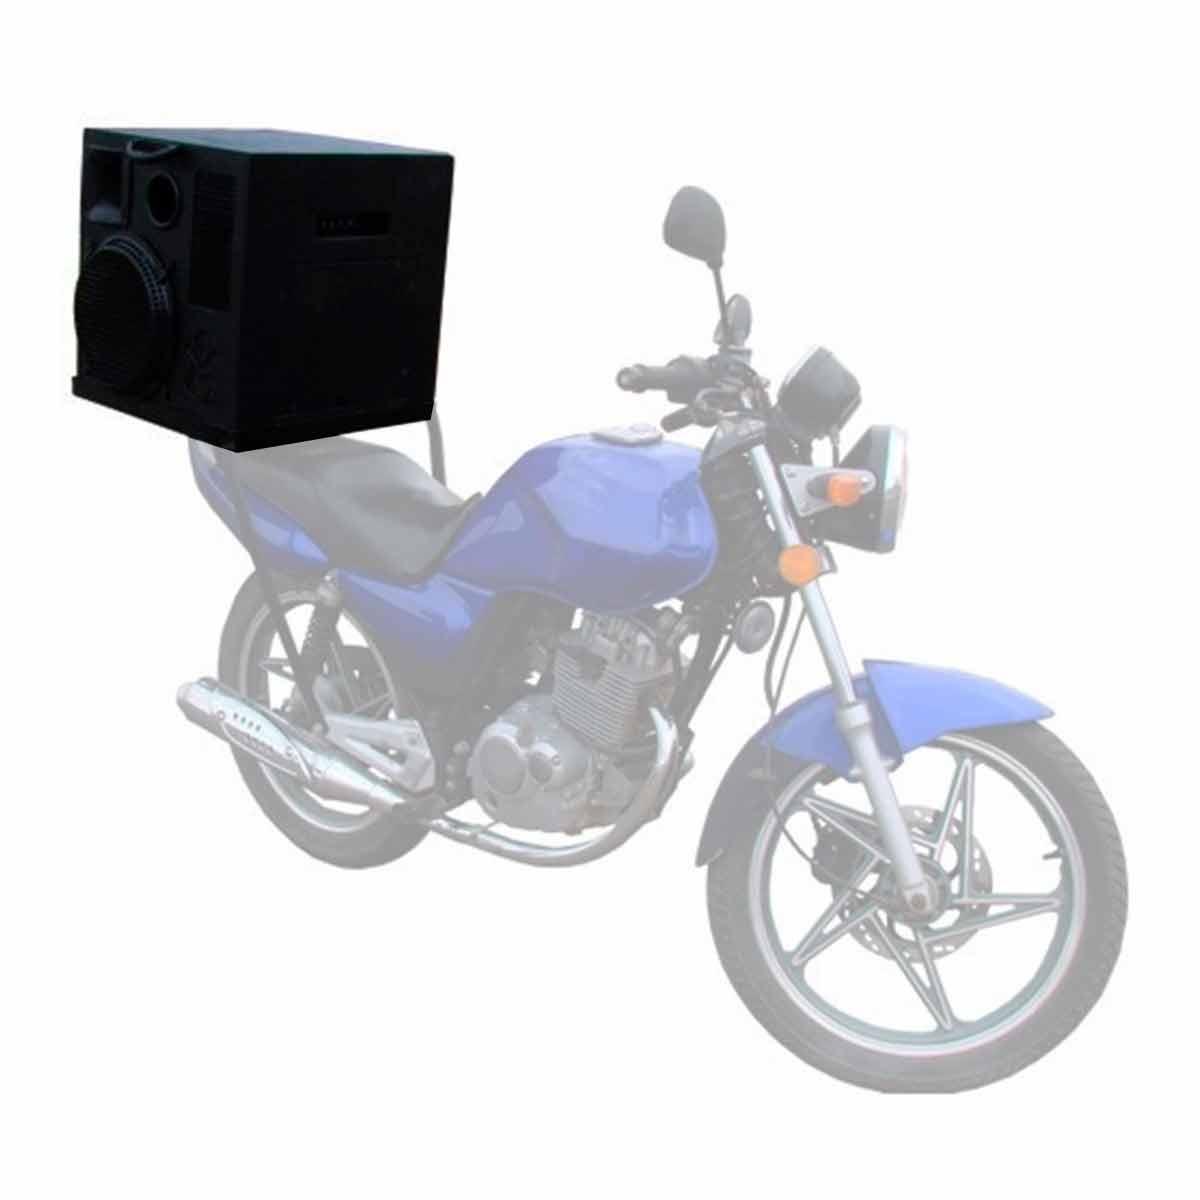 Caixa Ativa p/ Propagandas em Geral Fal 2x12 Pol 200W c/ USB - Moto Volante Leacs